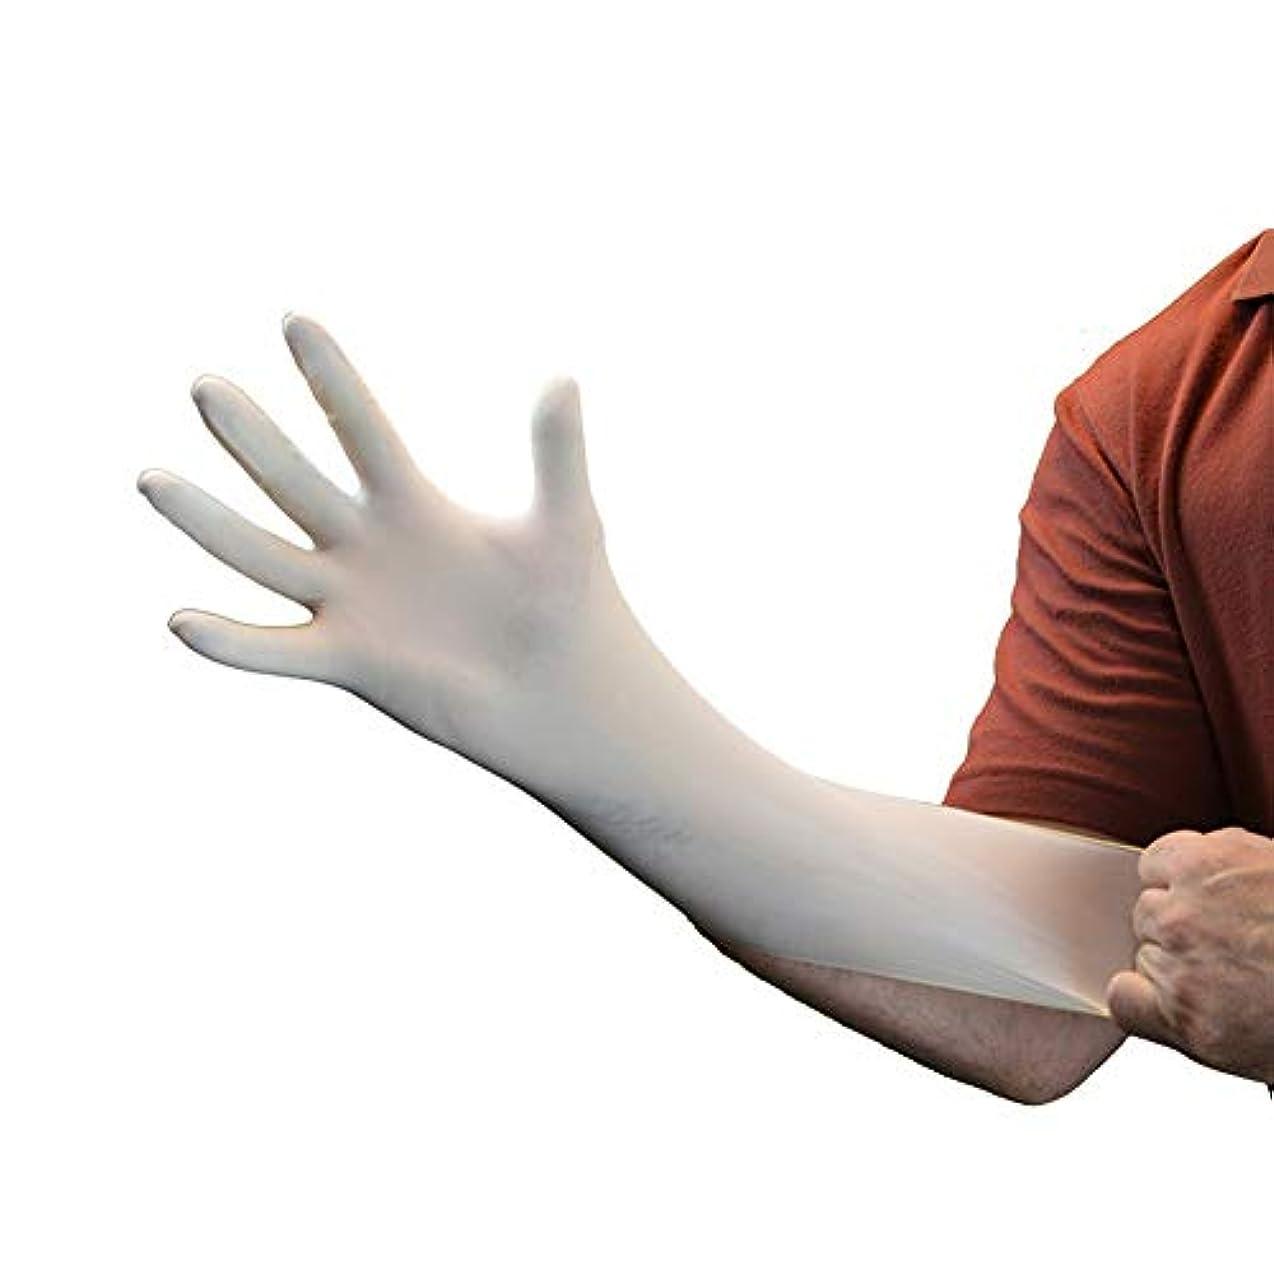 挽く暗殺者成人期使い捨てラテックス手袋 - パウダーフリーの歯科技工所労働保護製品をマッサージ YANW (Color : White, Size : XS)